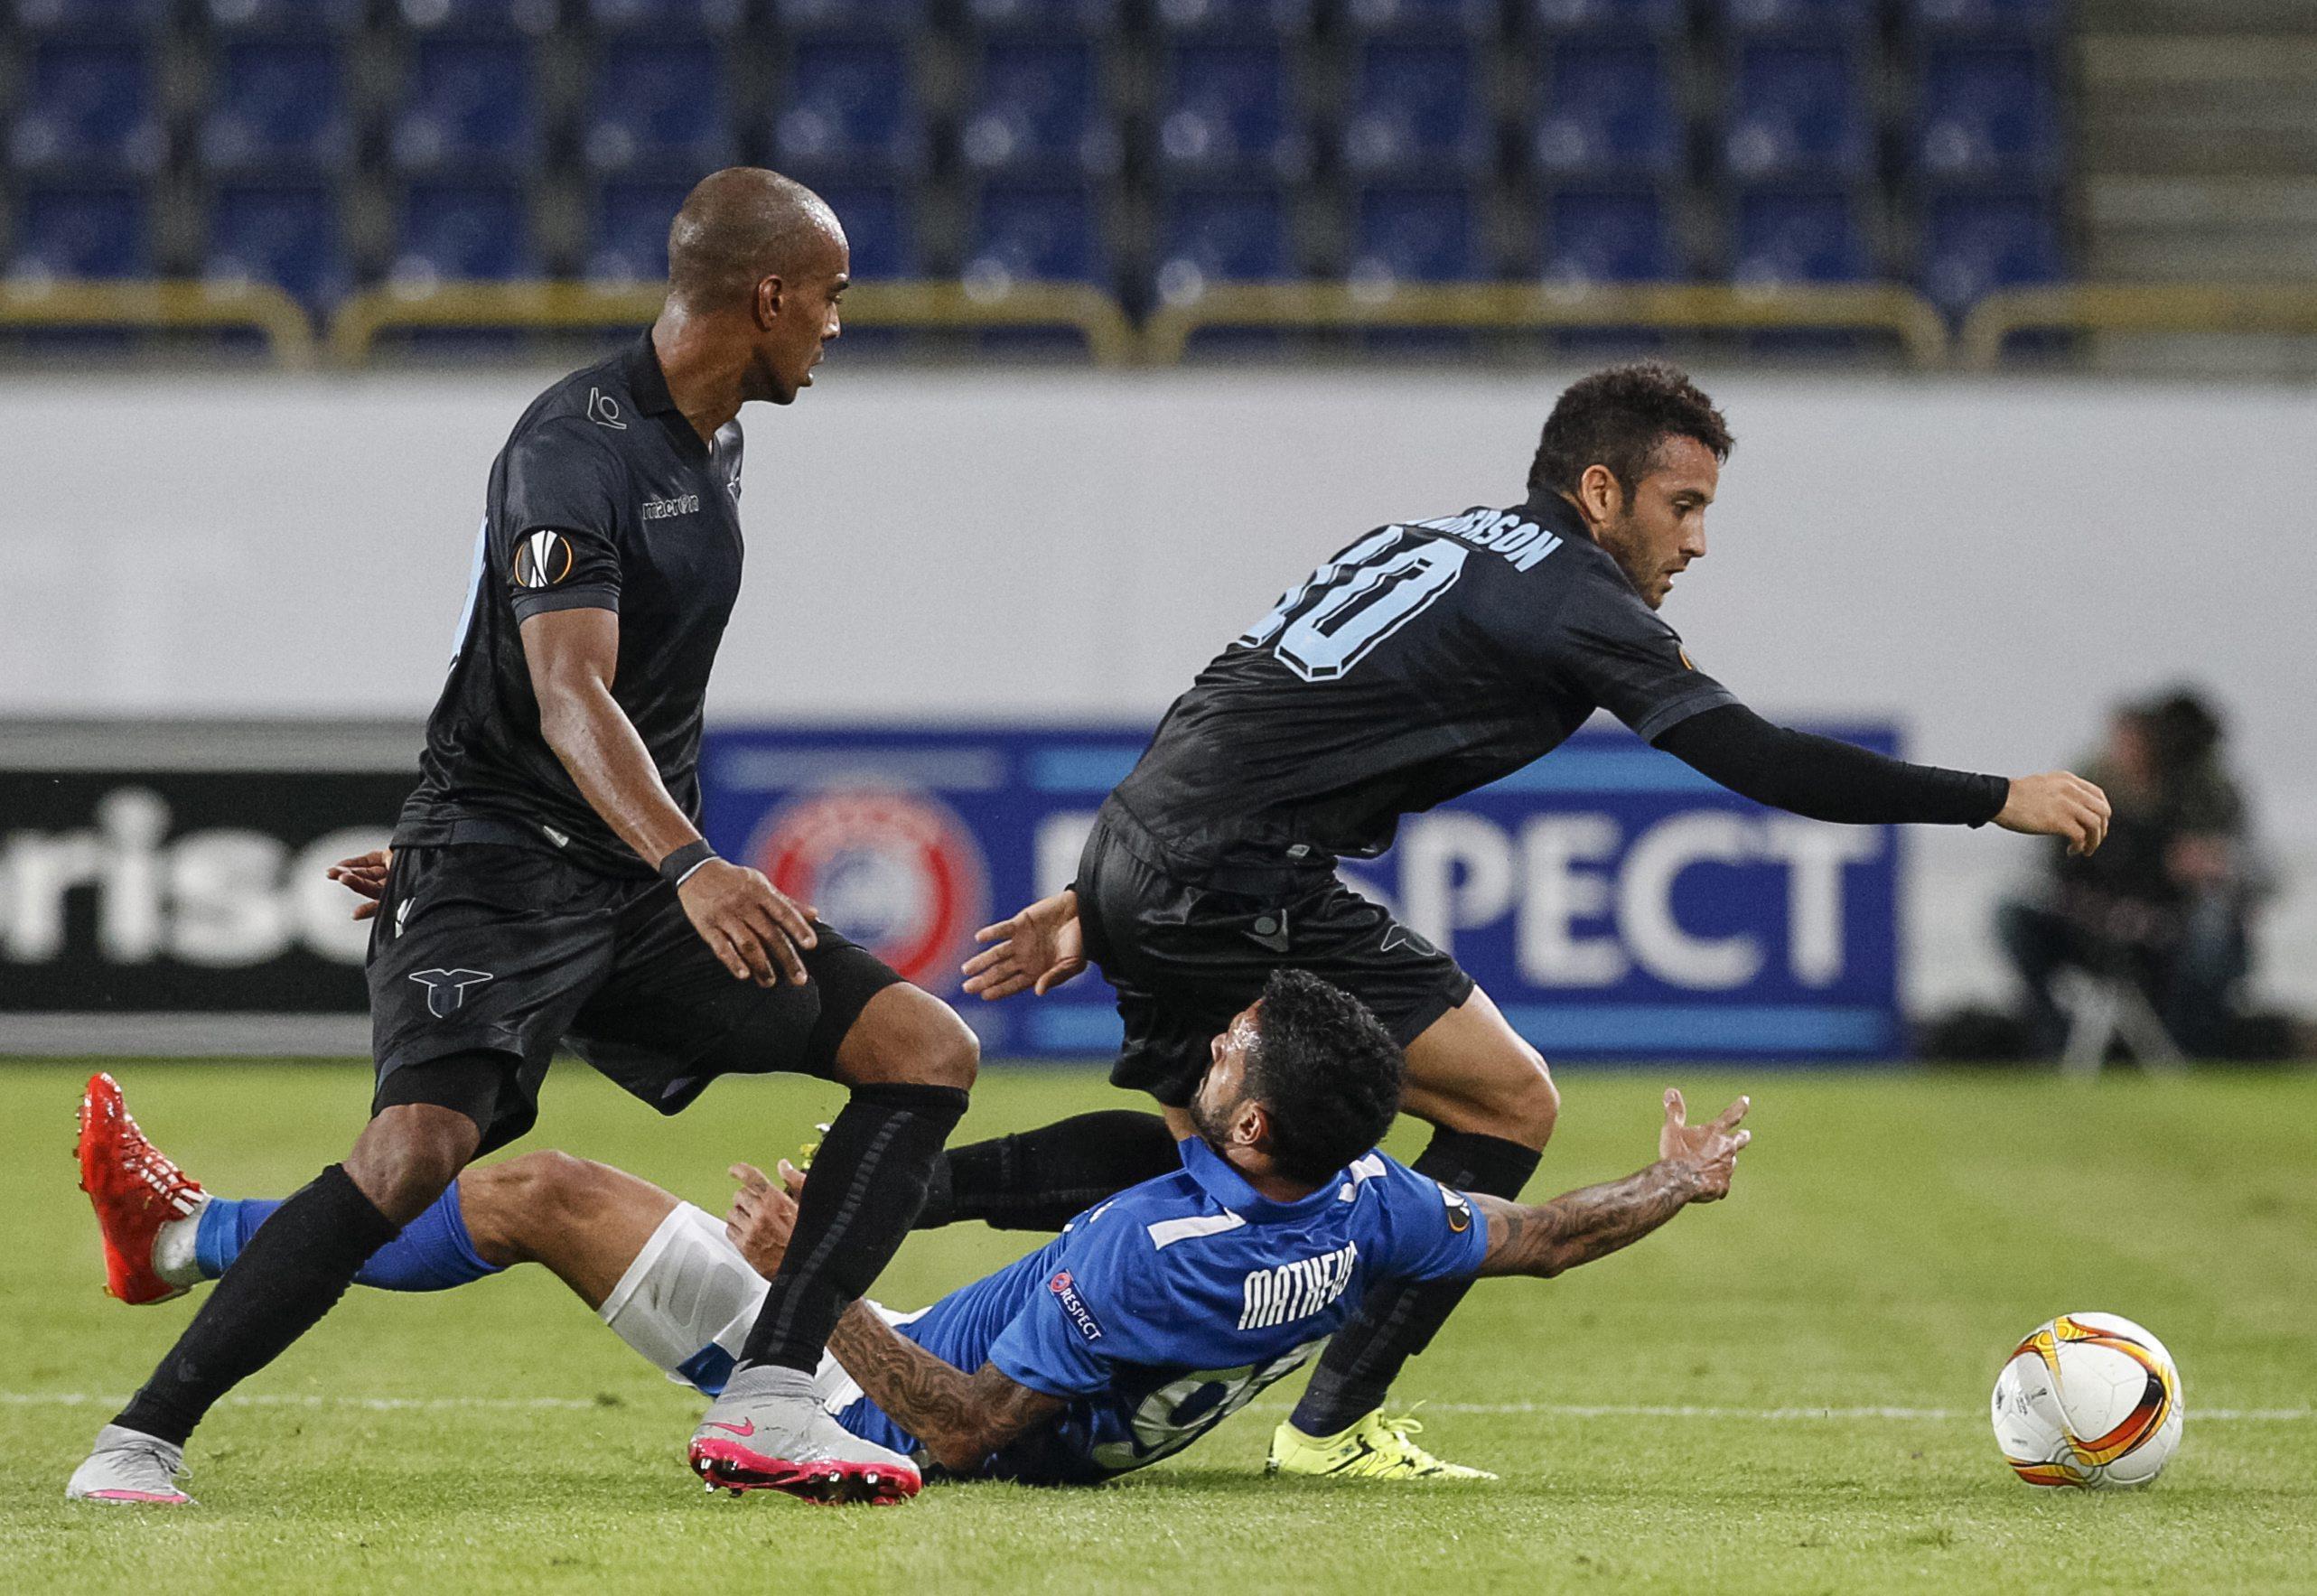 Europa League, Dnipro-Lazio 1-1 - IlGiornale.it